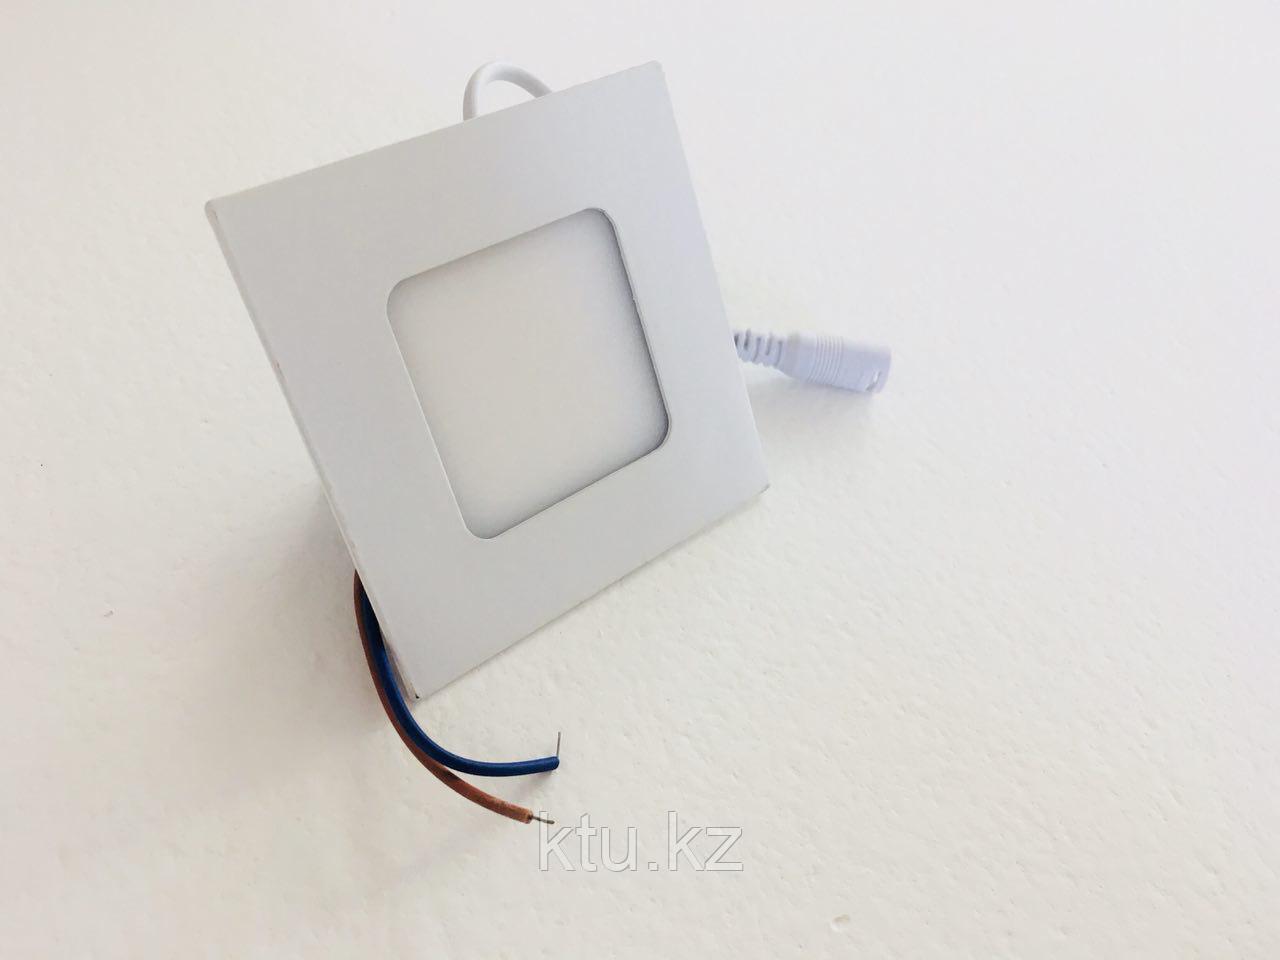 Светильники (споты) JL-F 3W,внутренний 1год гарантия